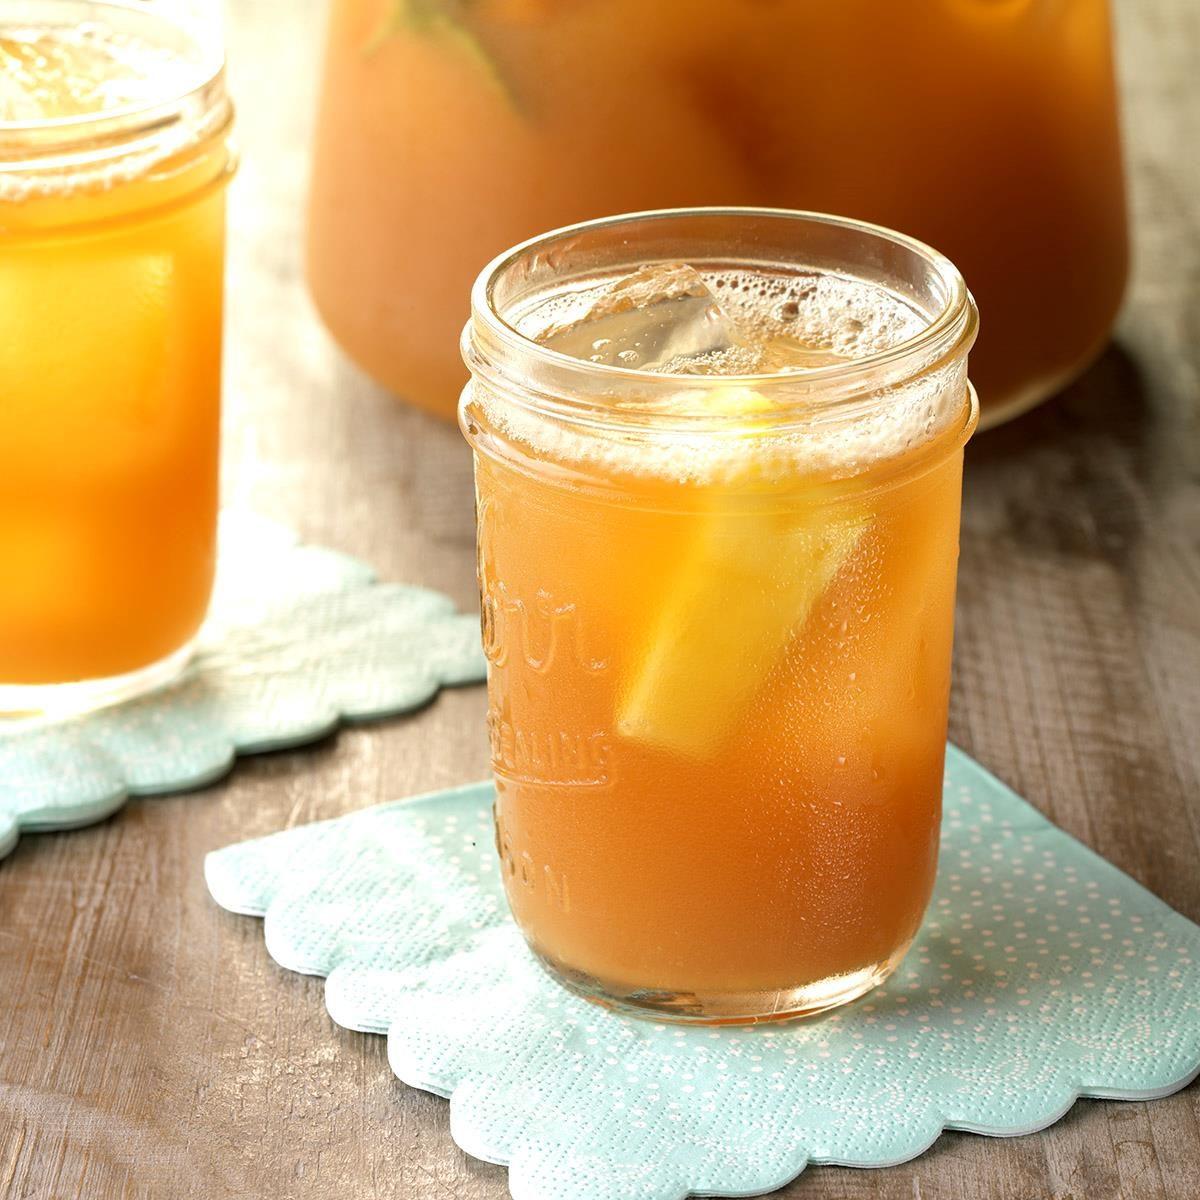 Lemony Pineapple Iced Tea